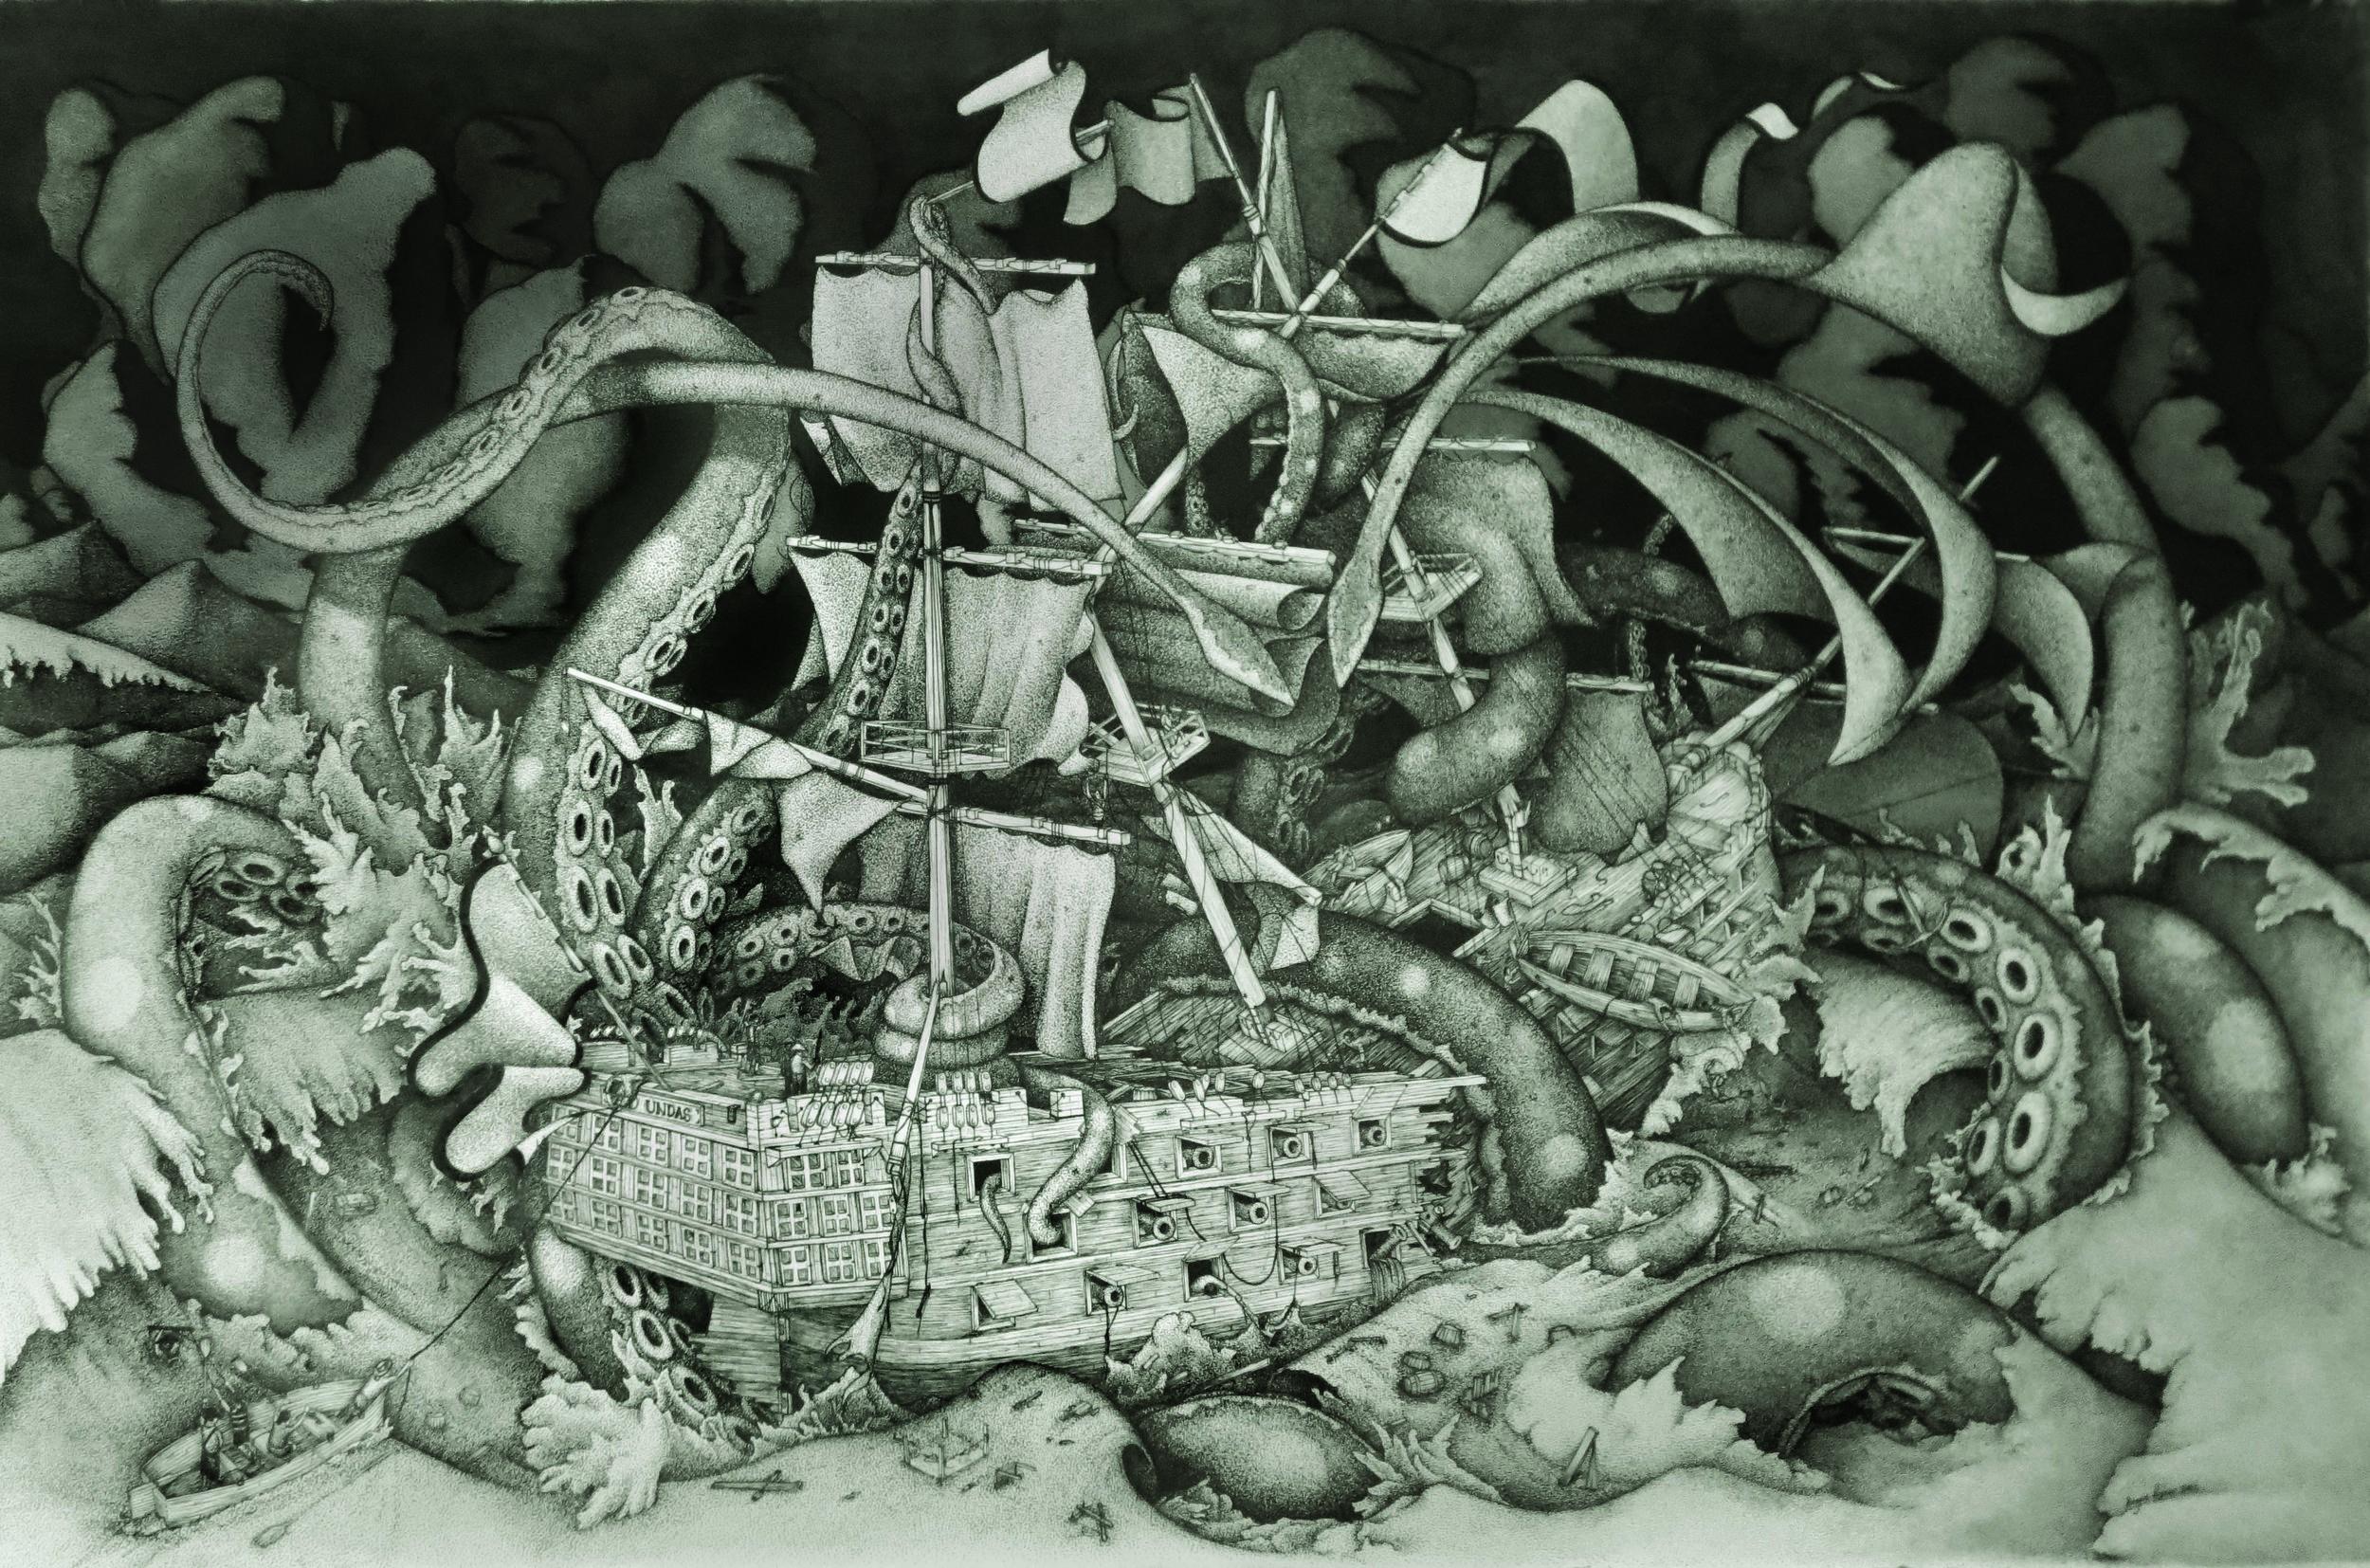 'The Kraken'